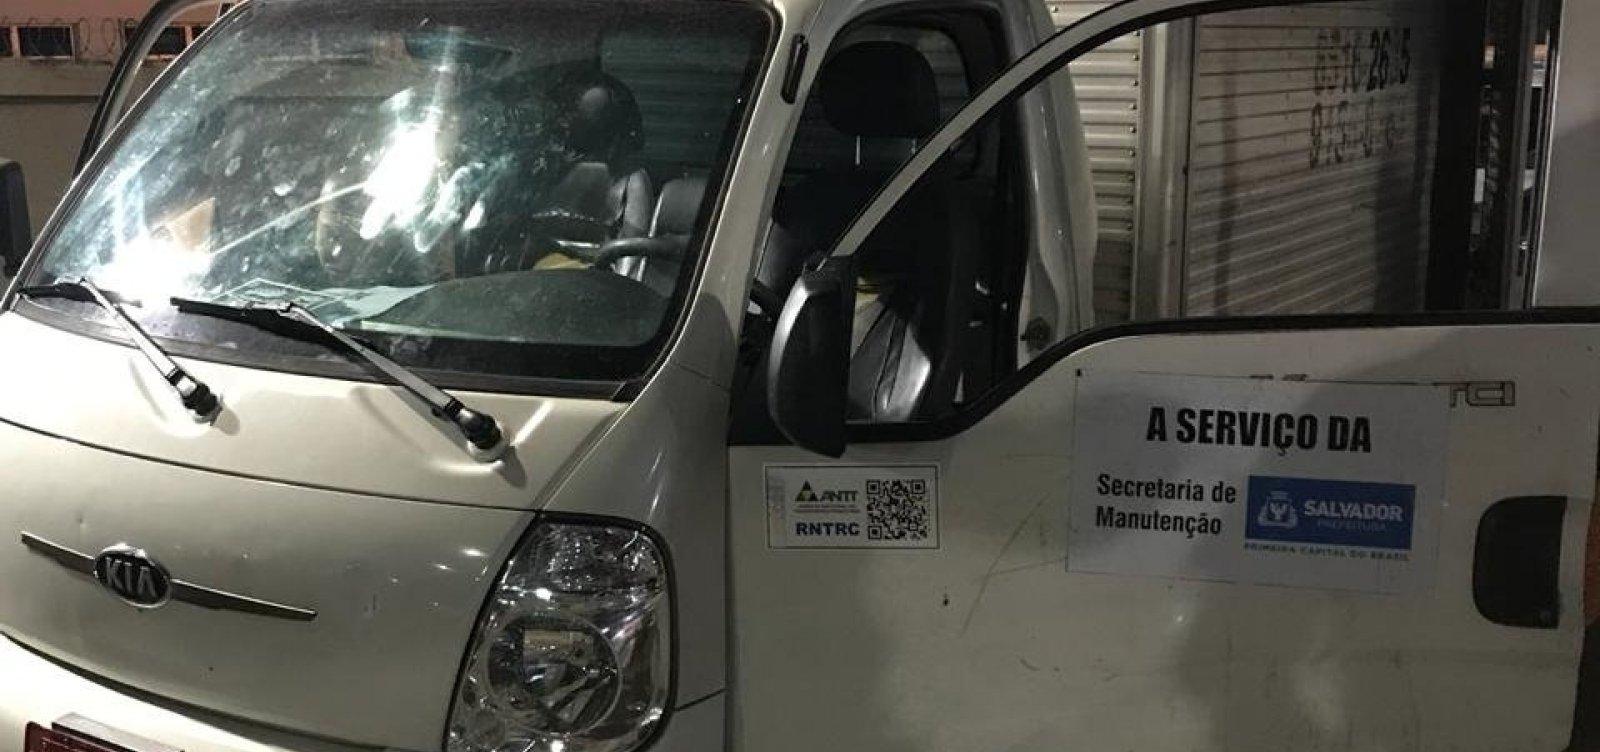 Prefeitura nega que caminhão apreendido com maconha seja do município